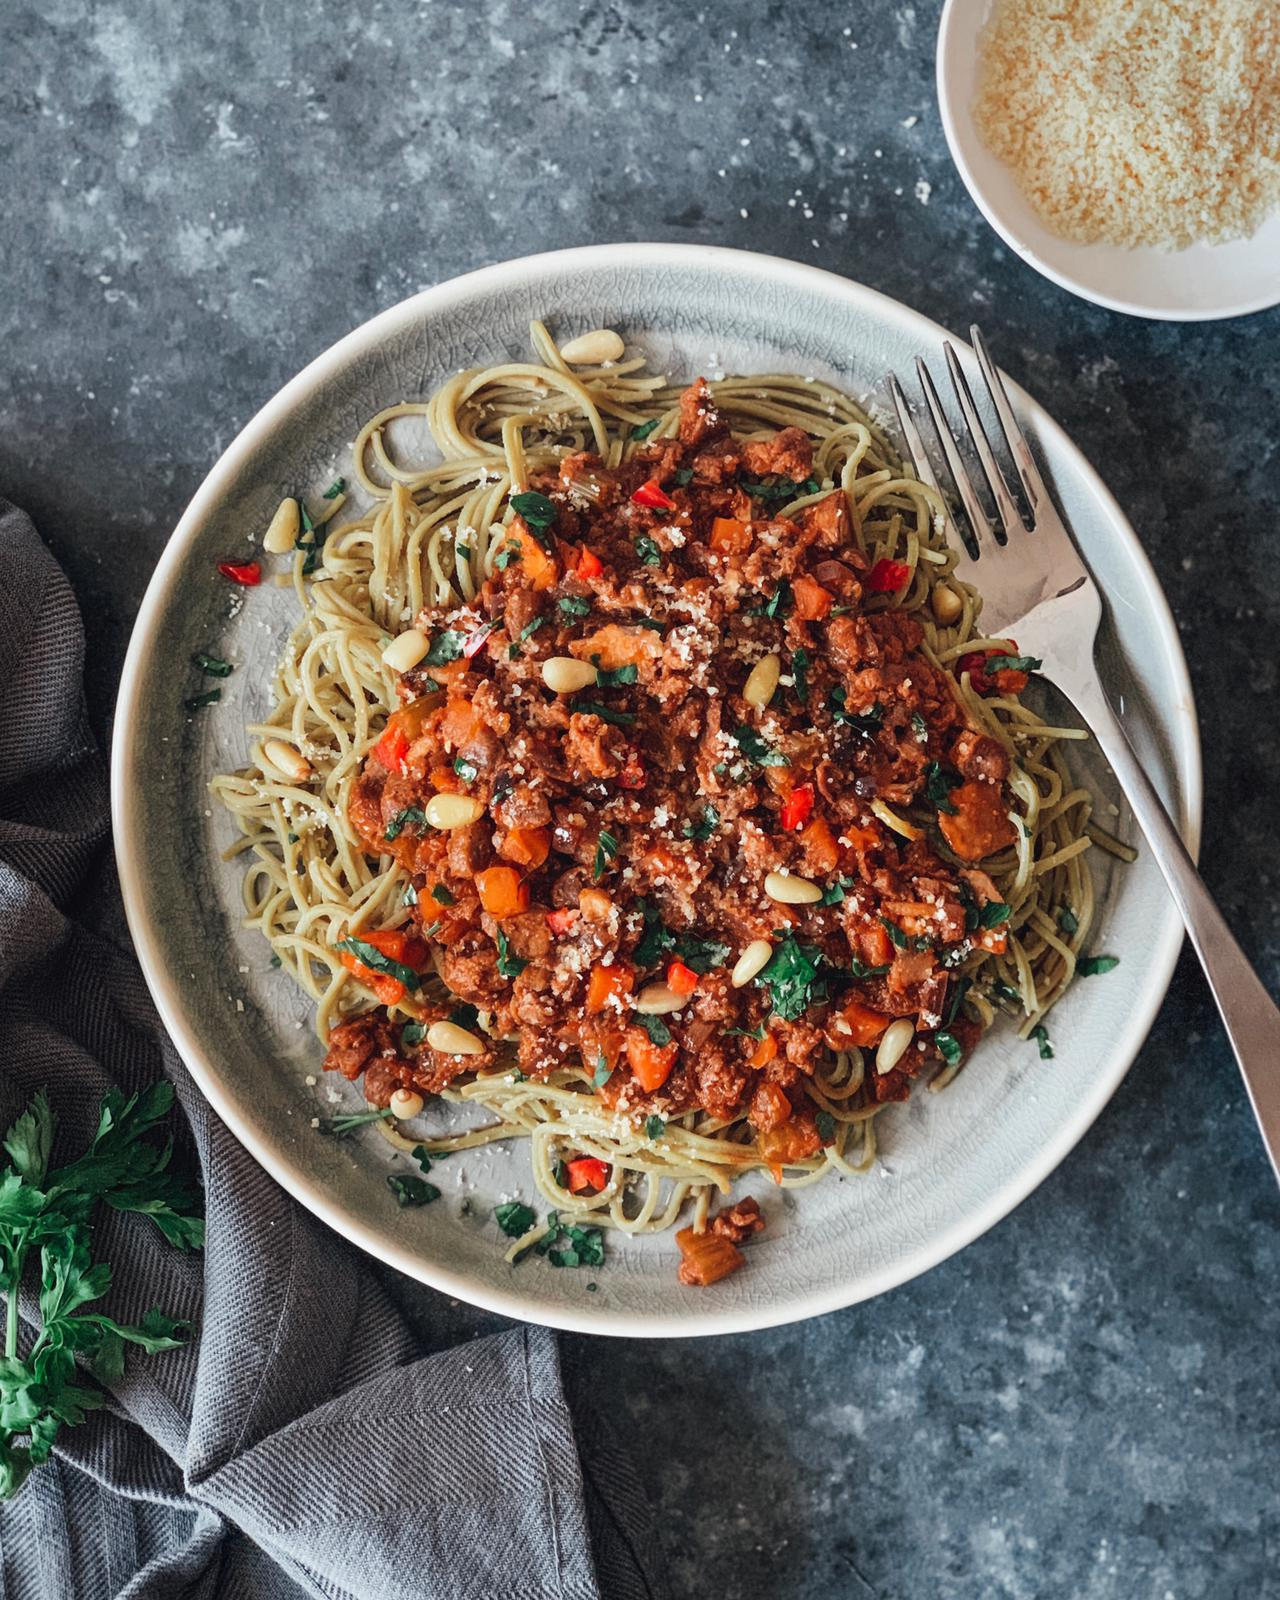 Explore Cuisine's Edamame Spaghetti with Soya & Mushroom Ragu